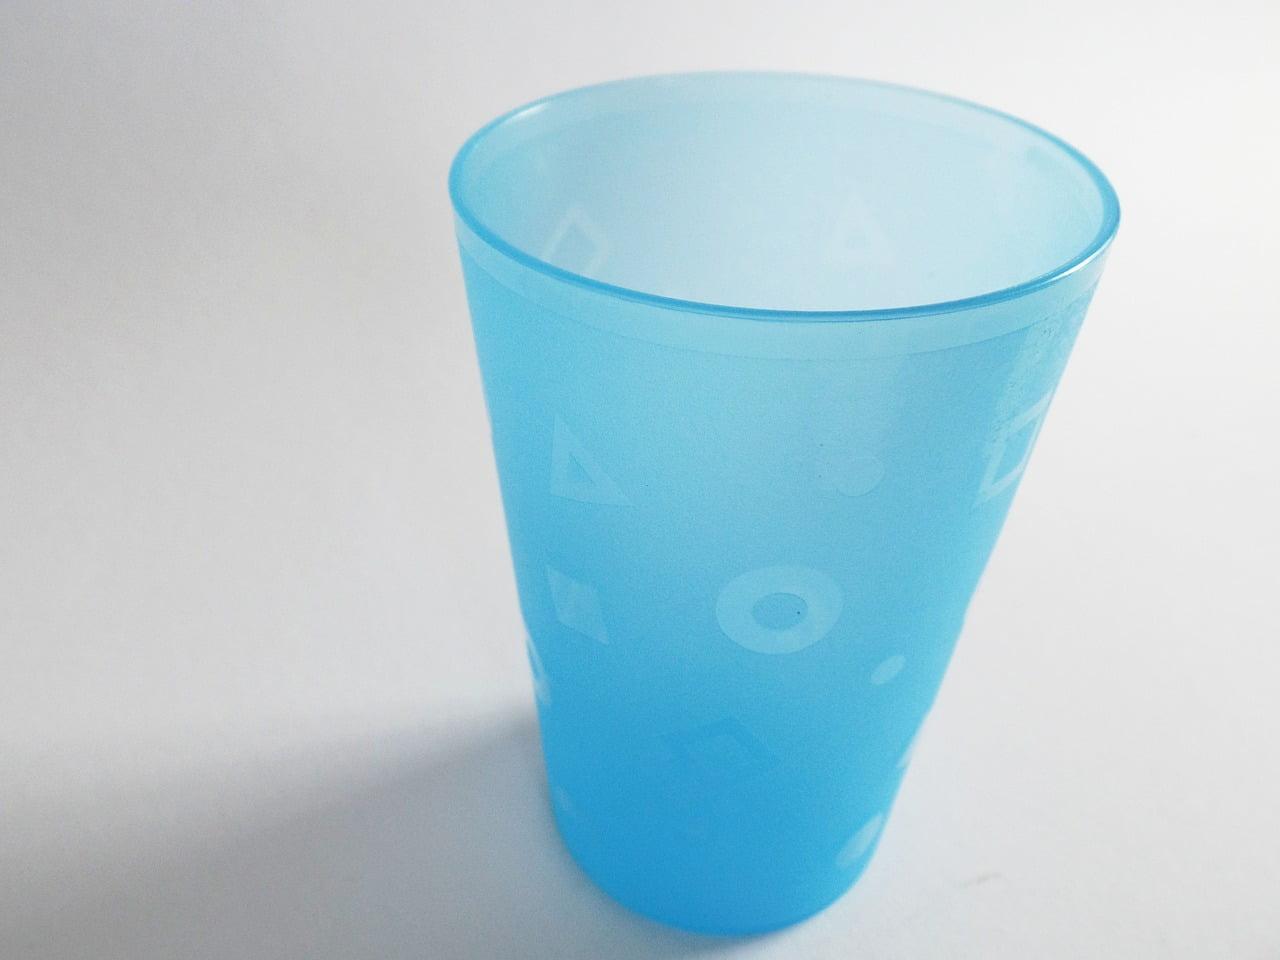 Gobelet pas cher en plastique